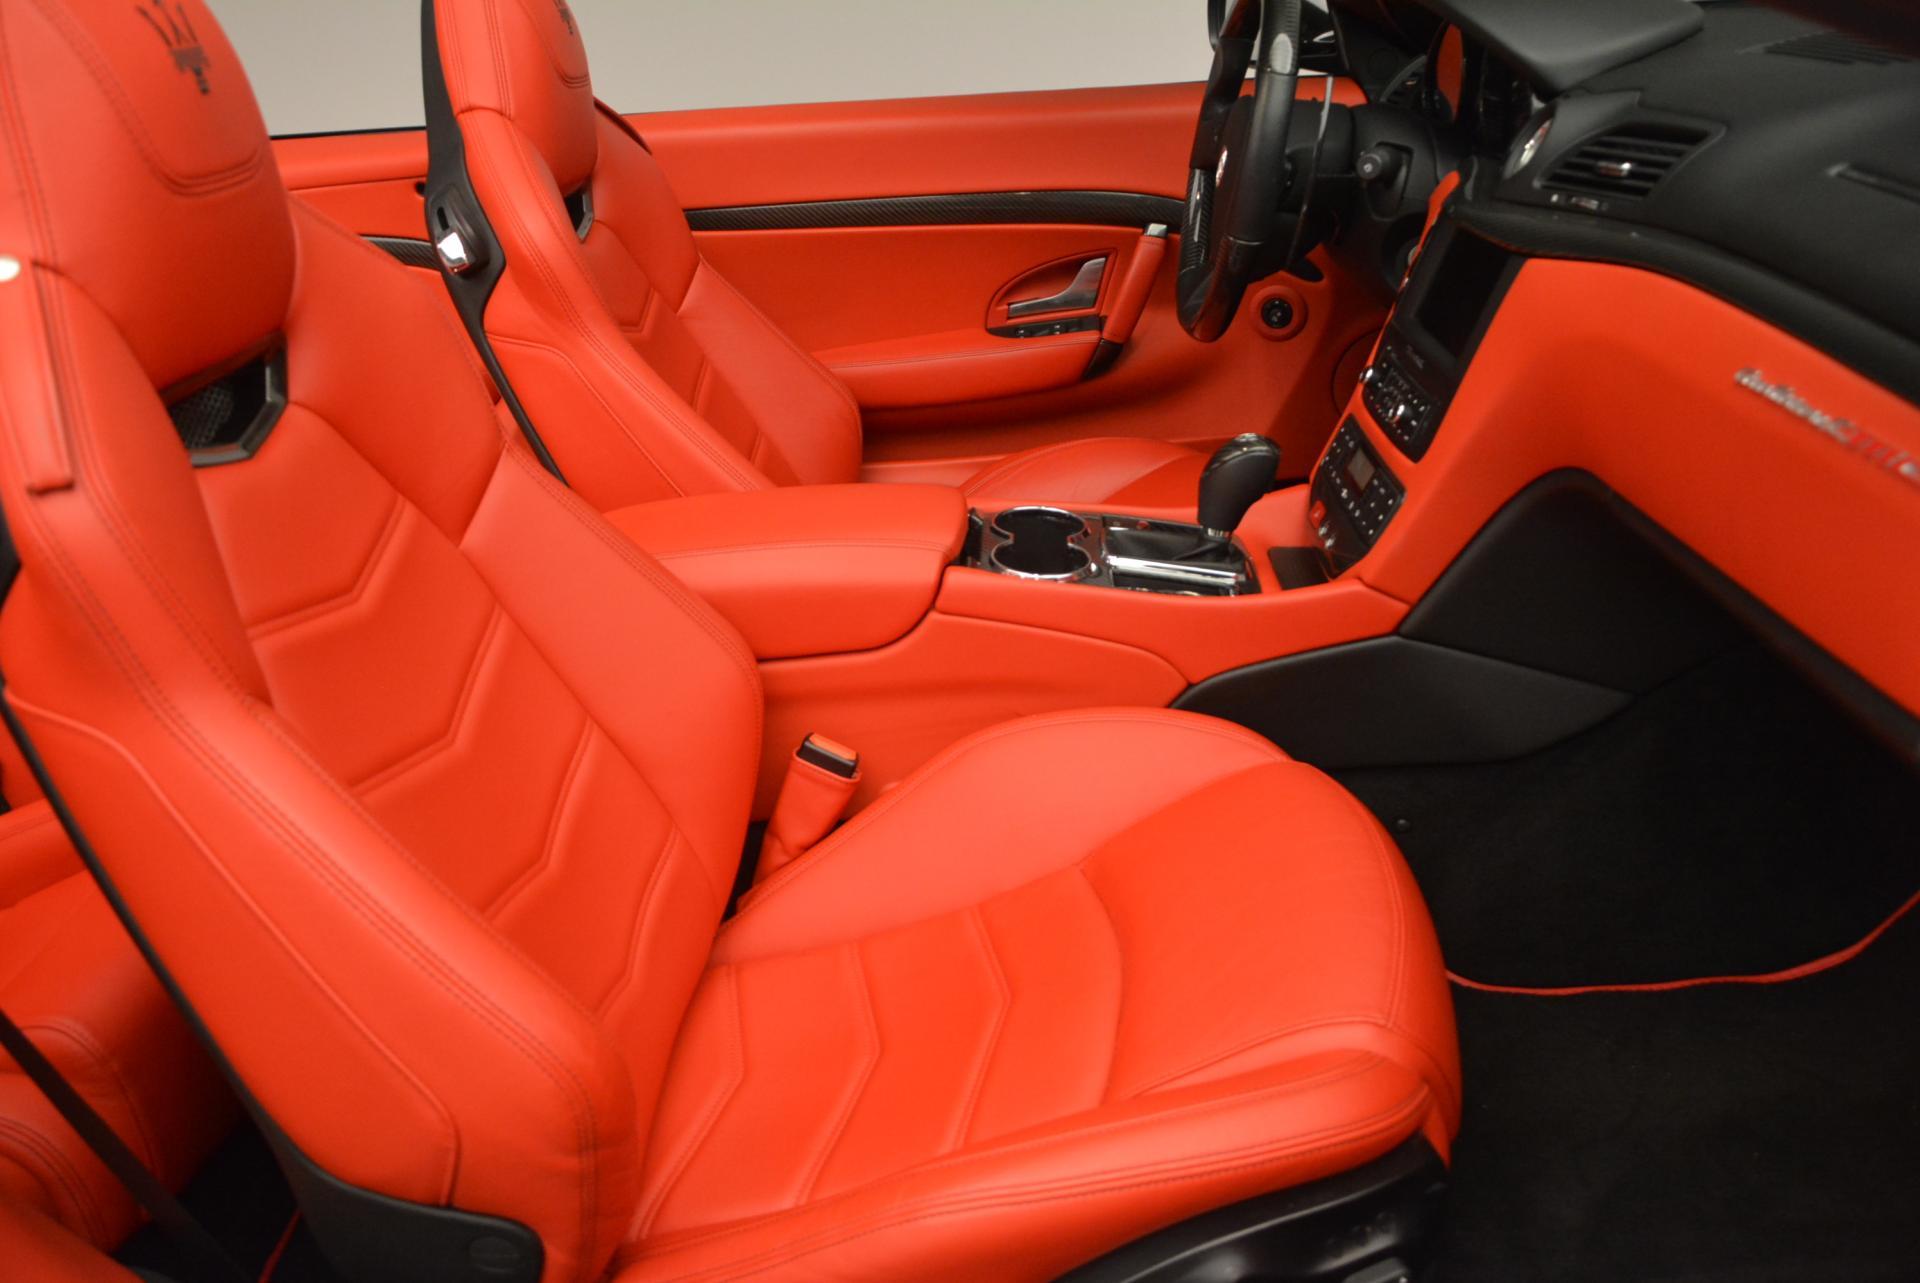 Used 2013 Maserati GranTurismo MC For Sale In Westport, CT 521_p28